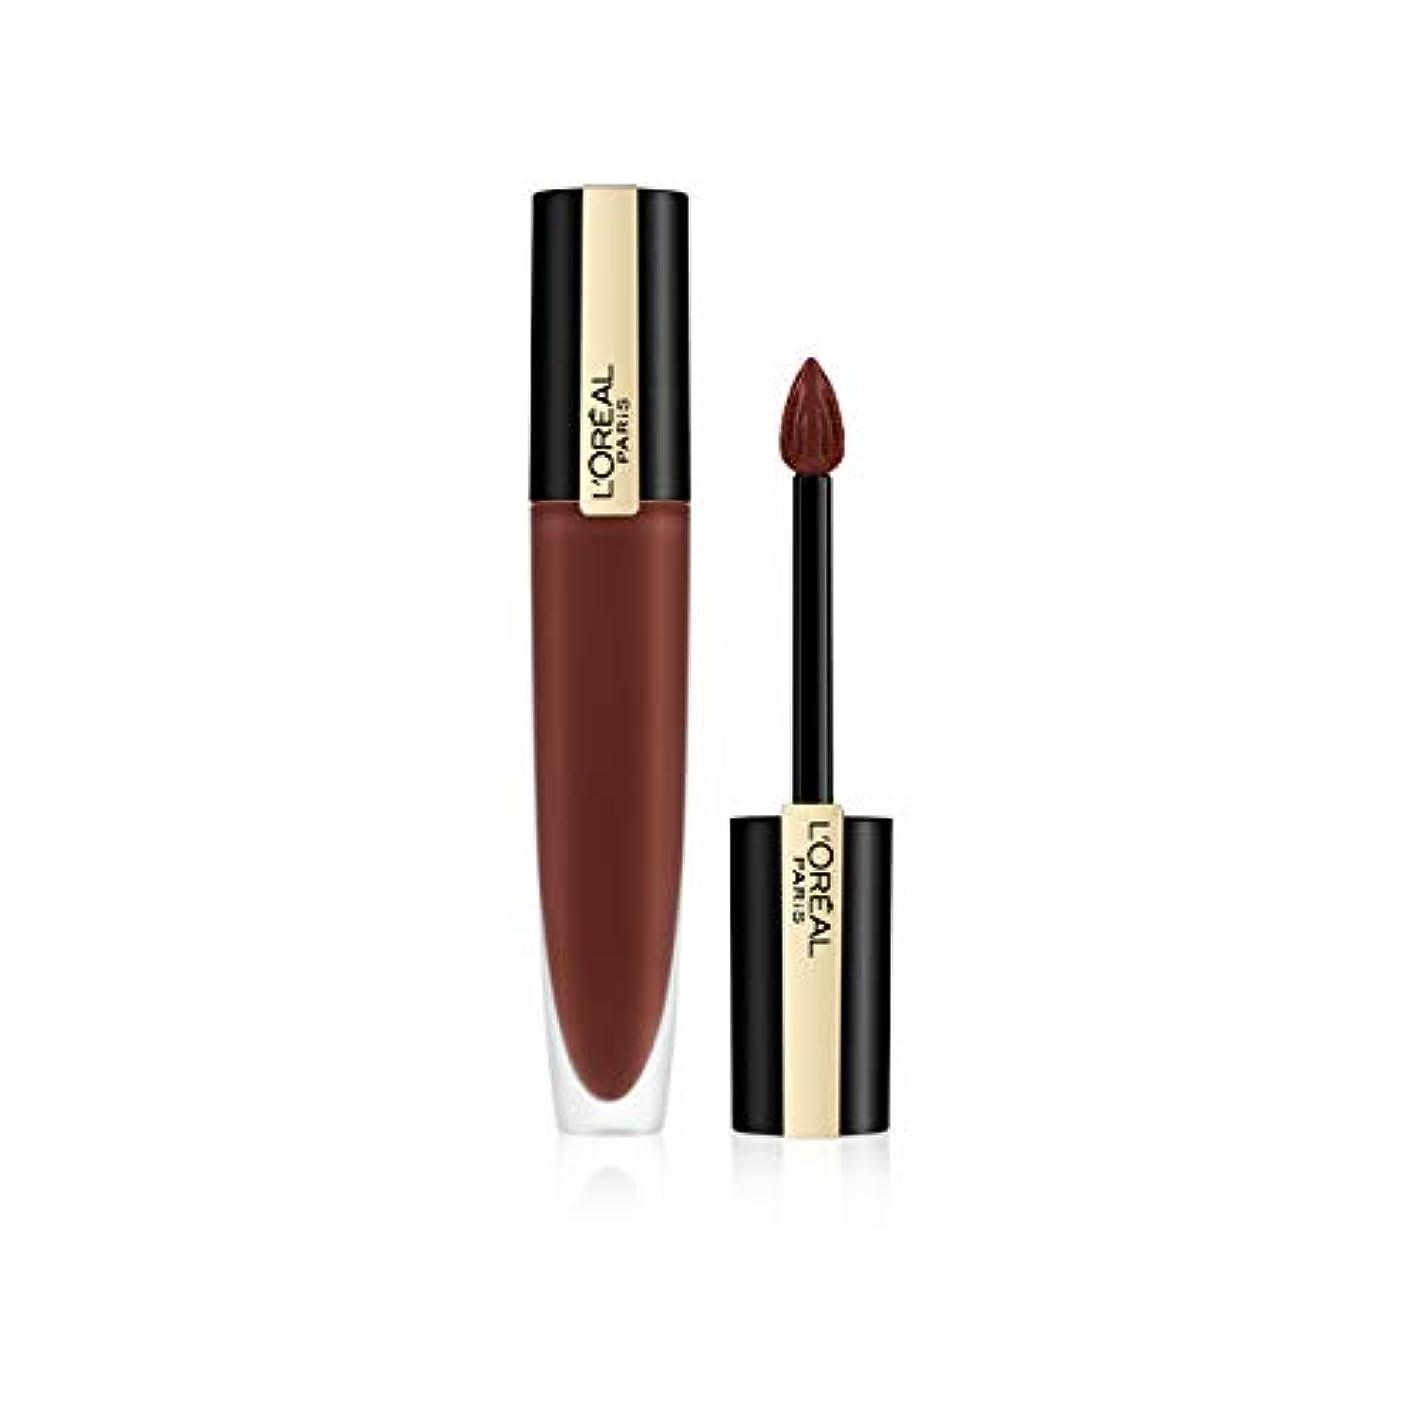 神社凝縮する前にL'Oreal Paris Rouge Signature Matte Liquid Lipstick,126 I Play, 7g